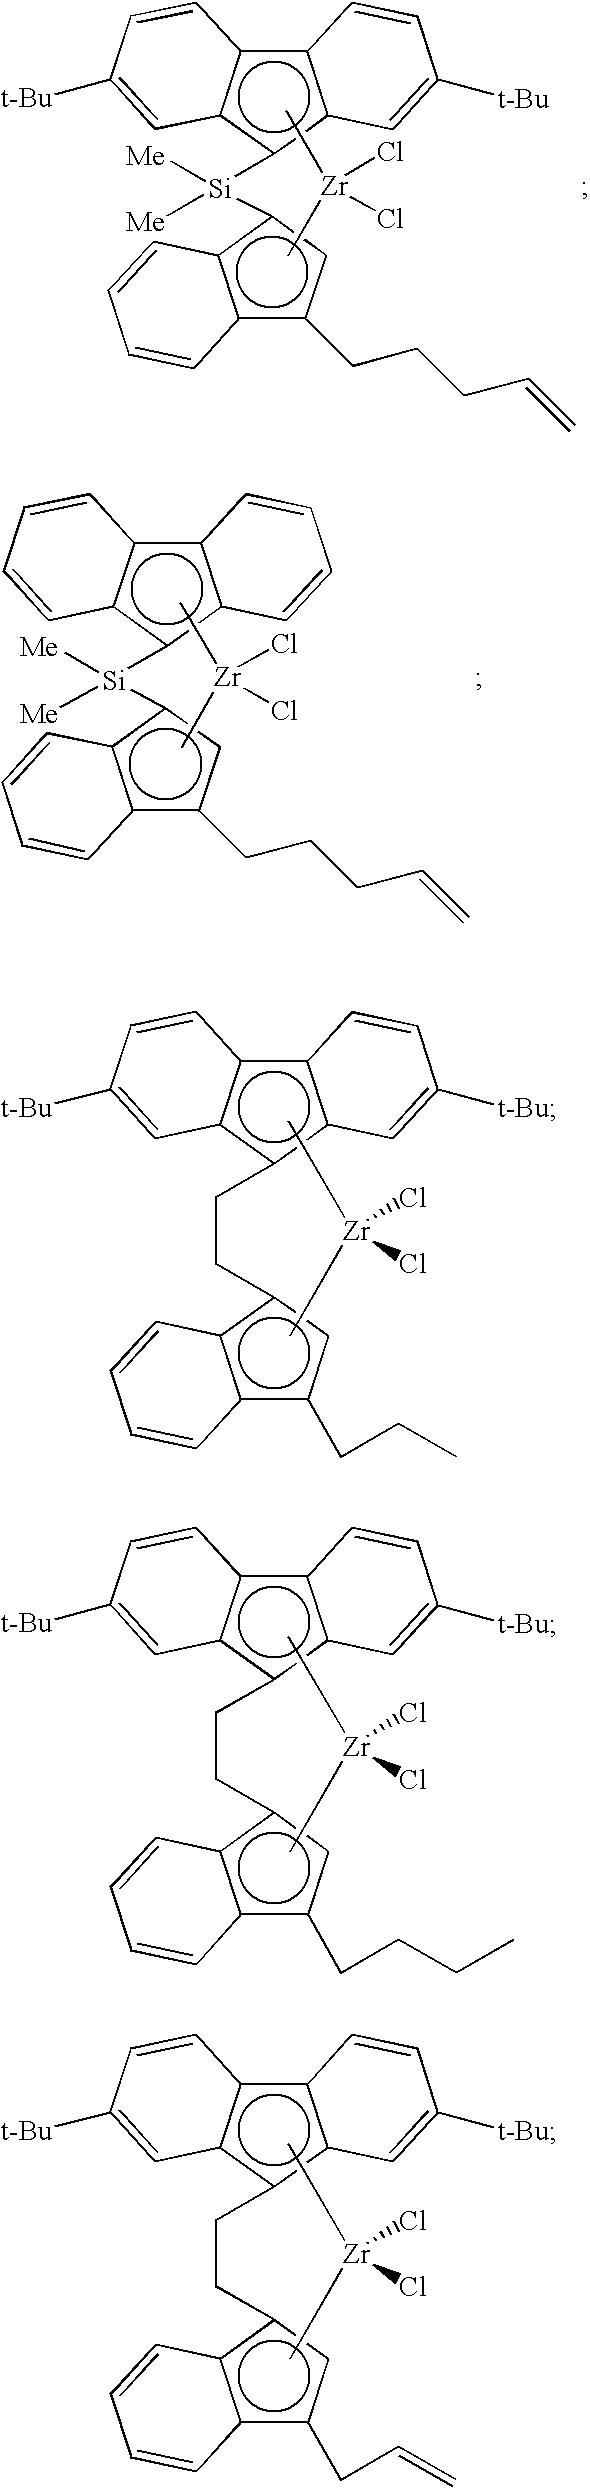 Figure US08329834-20121211-C00022